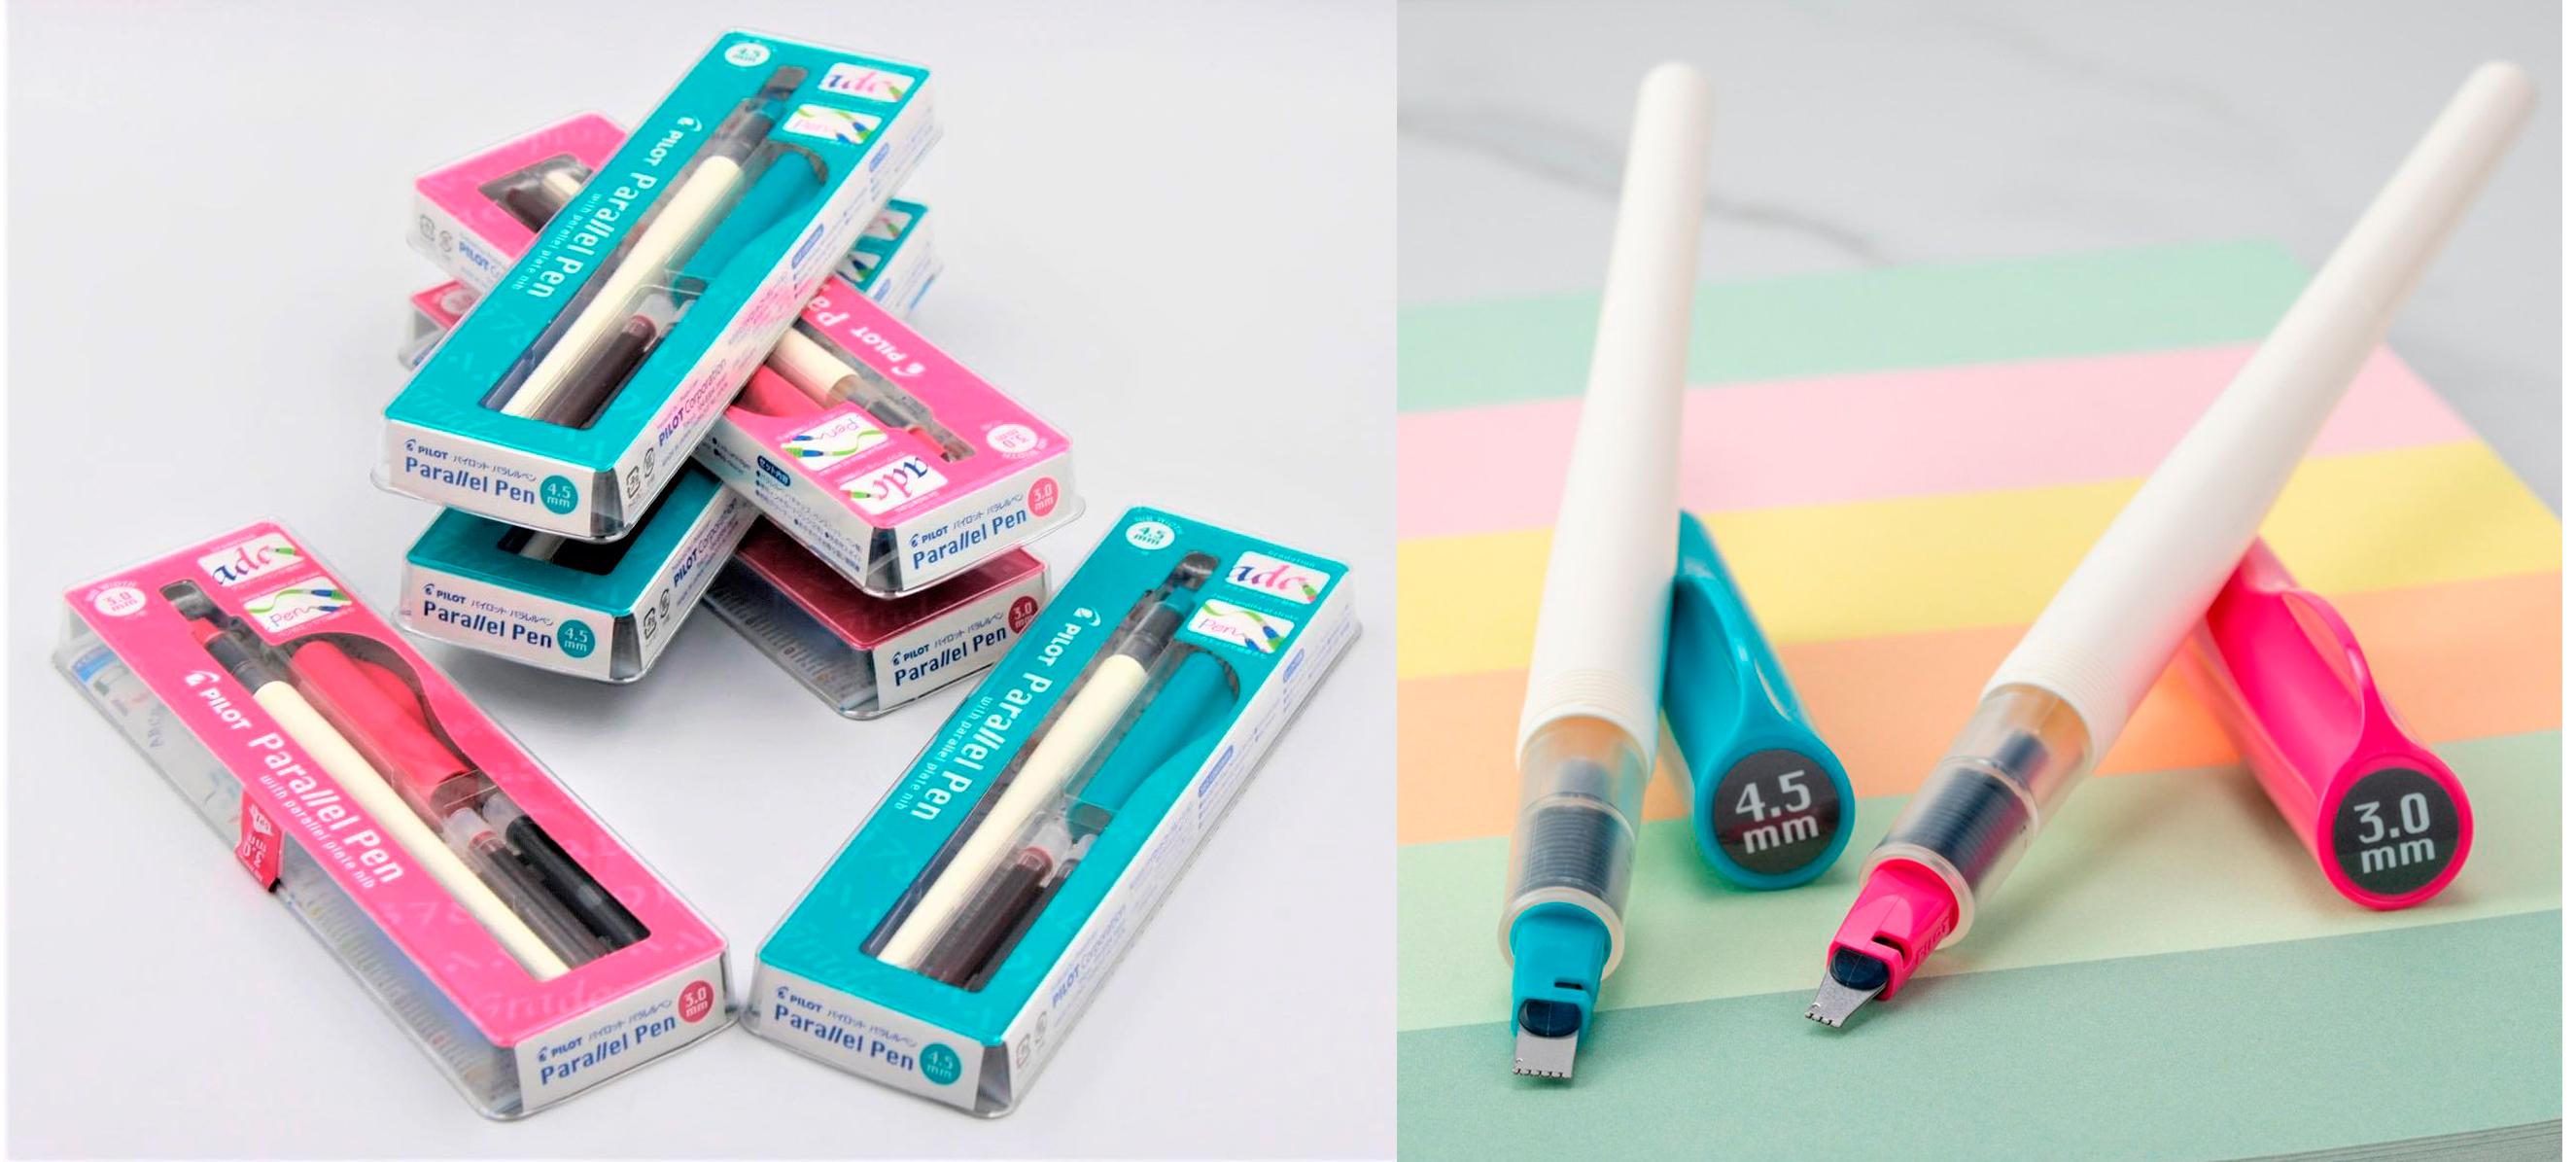 Новые каллиграфические перья Pilot Parallel Pen 3.0 и 4.5 мм